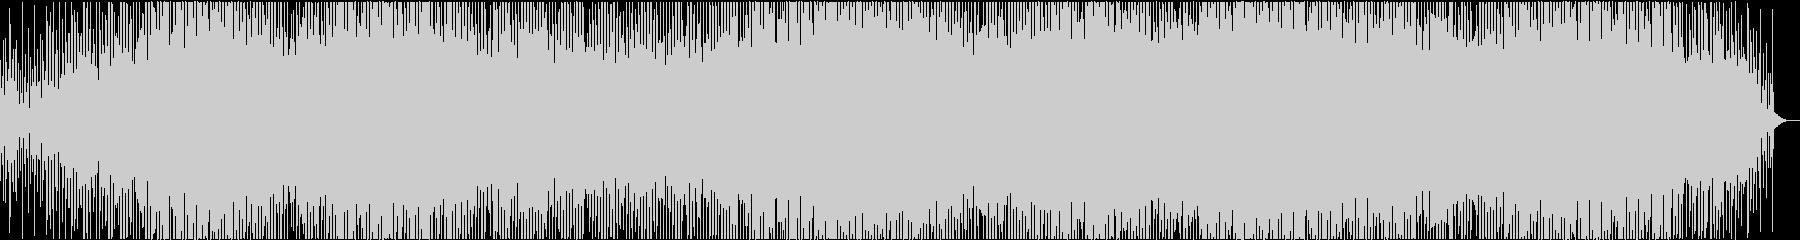 動画14 16bit48kHzVerの未再生の波形